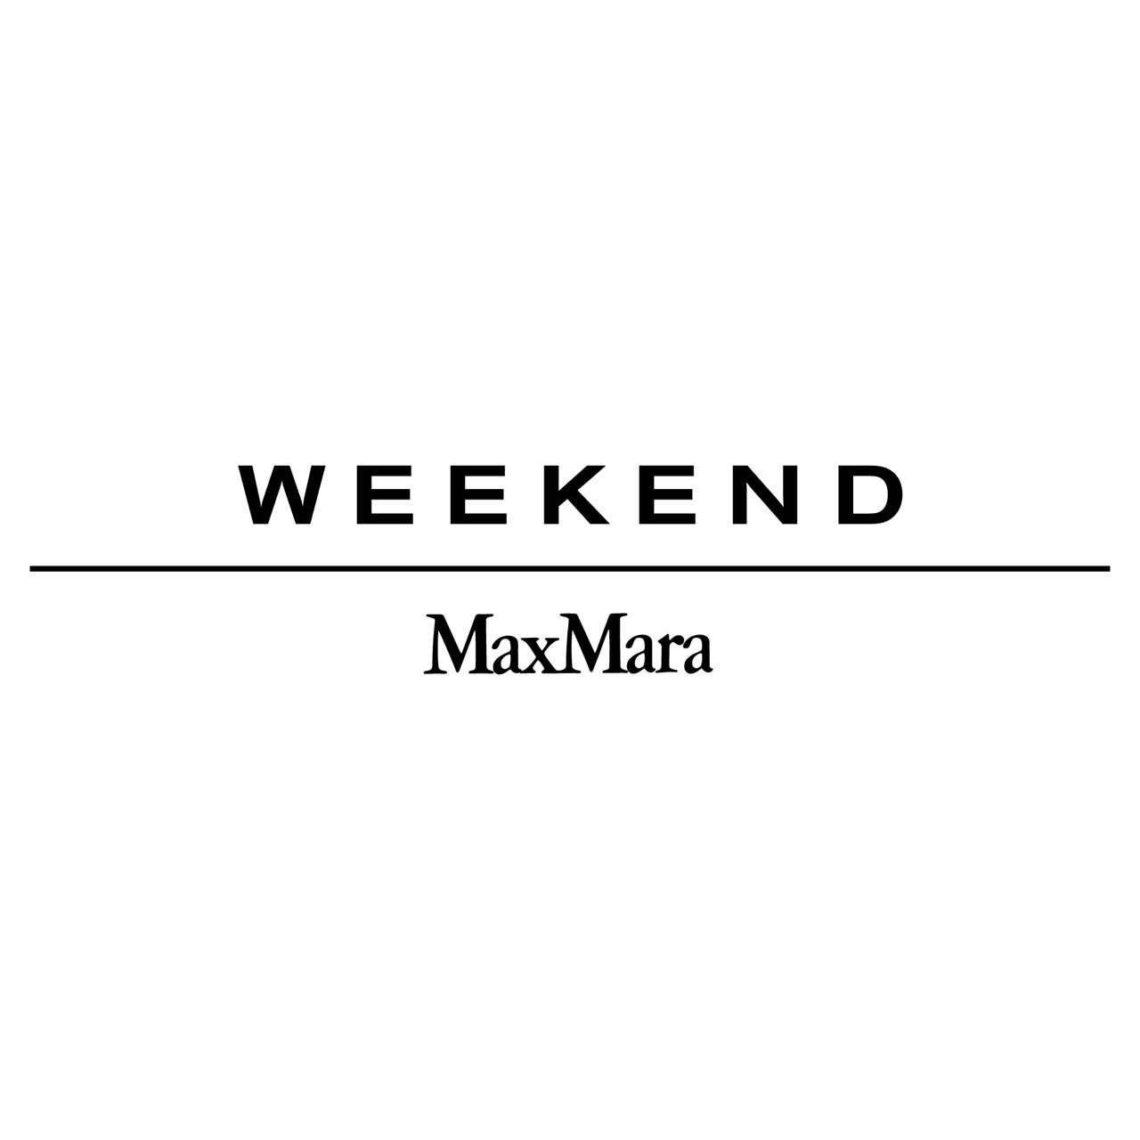 logo-weekendmaxmara